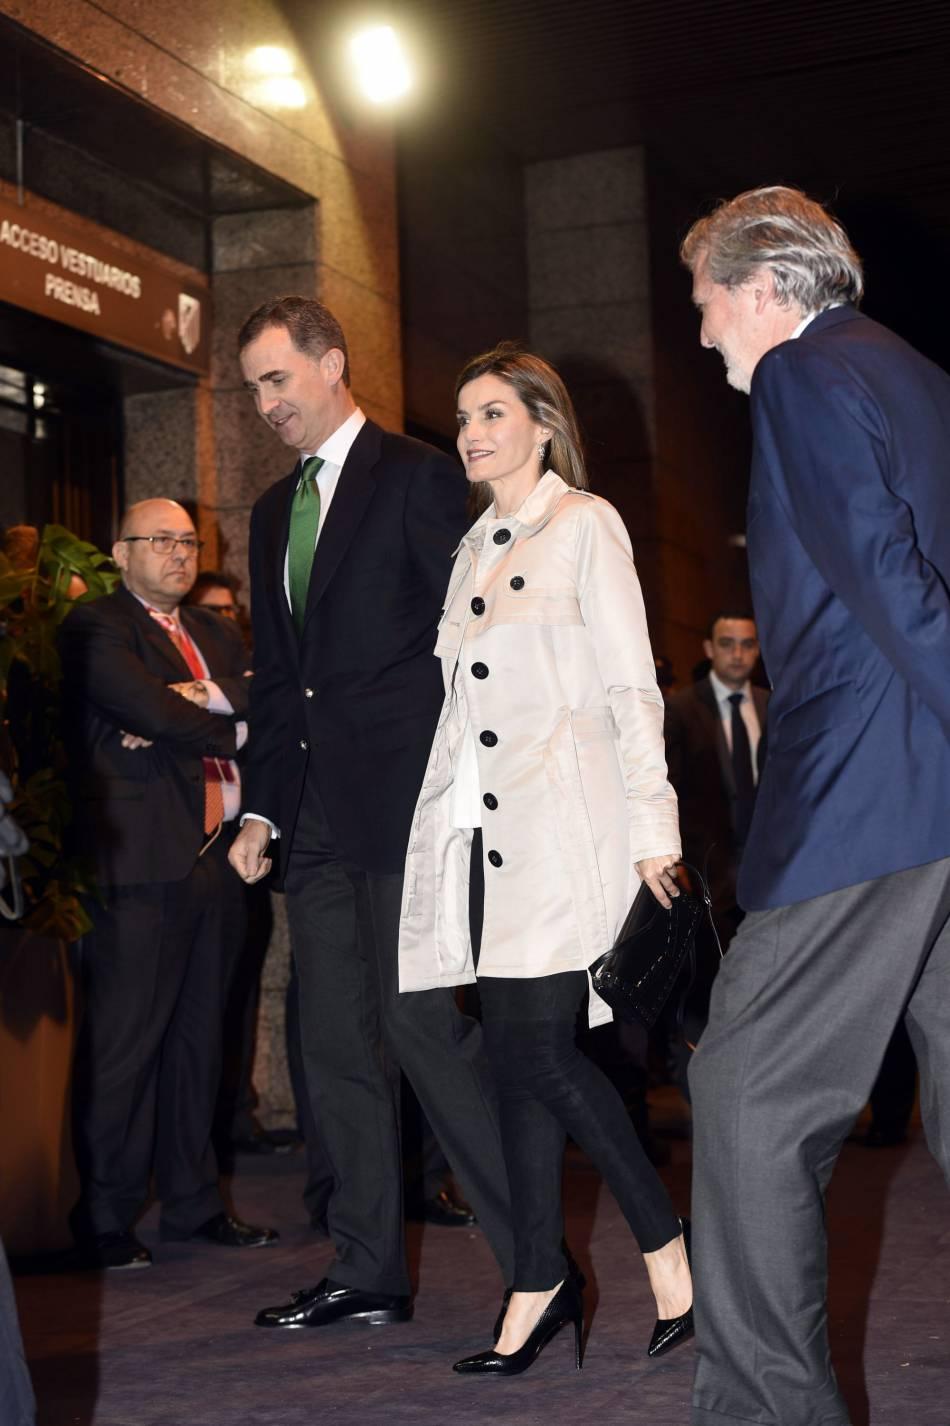 Le roi et la reine d'Espagne ont célébré leur anniversaire de mariage au stade de foot de Madrid.